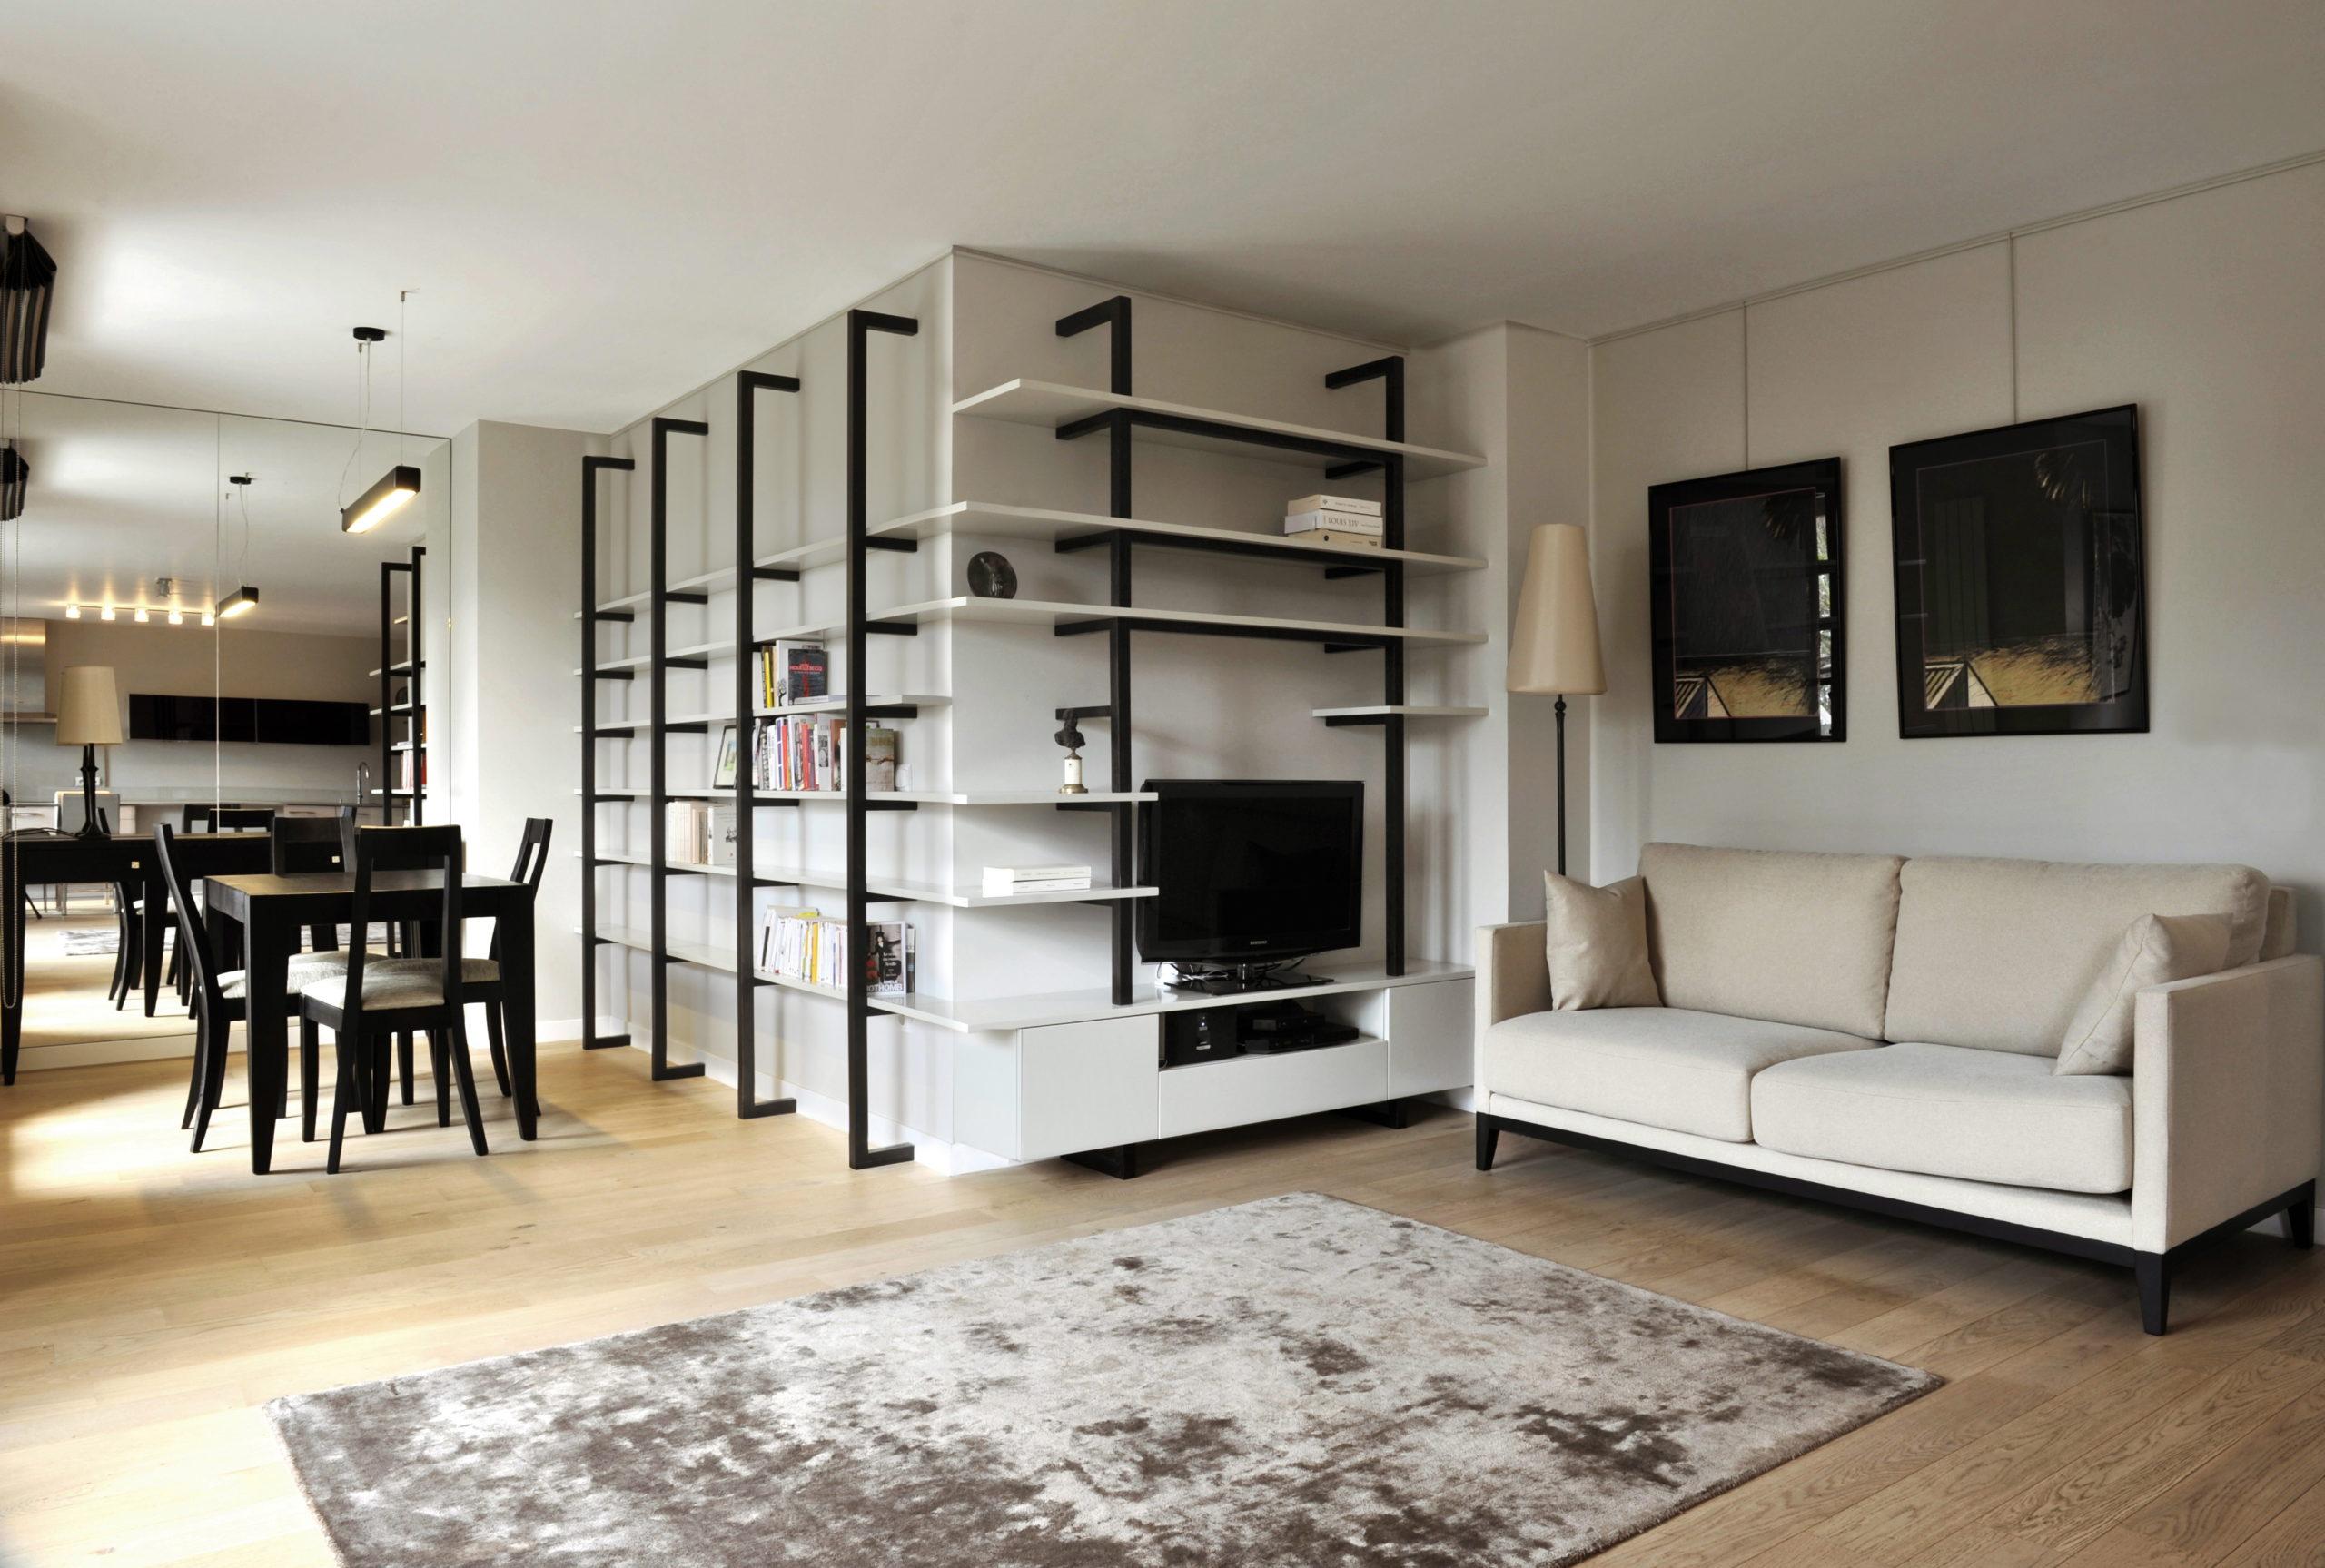 Meuble salon arlinea architecture1